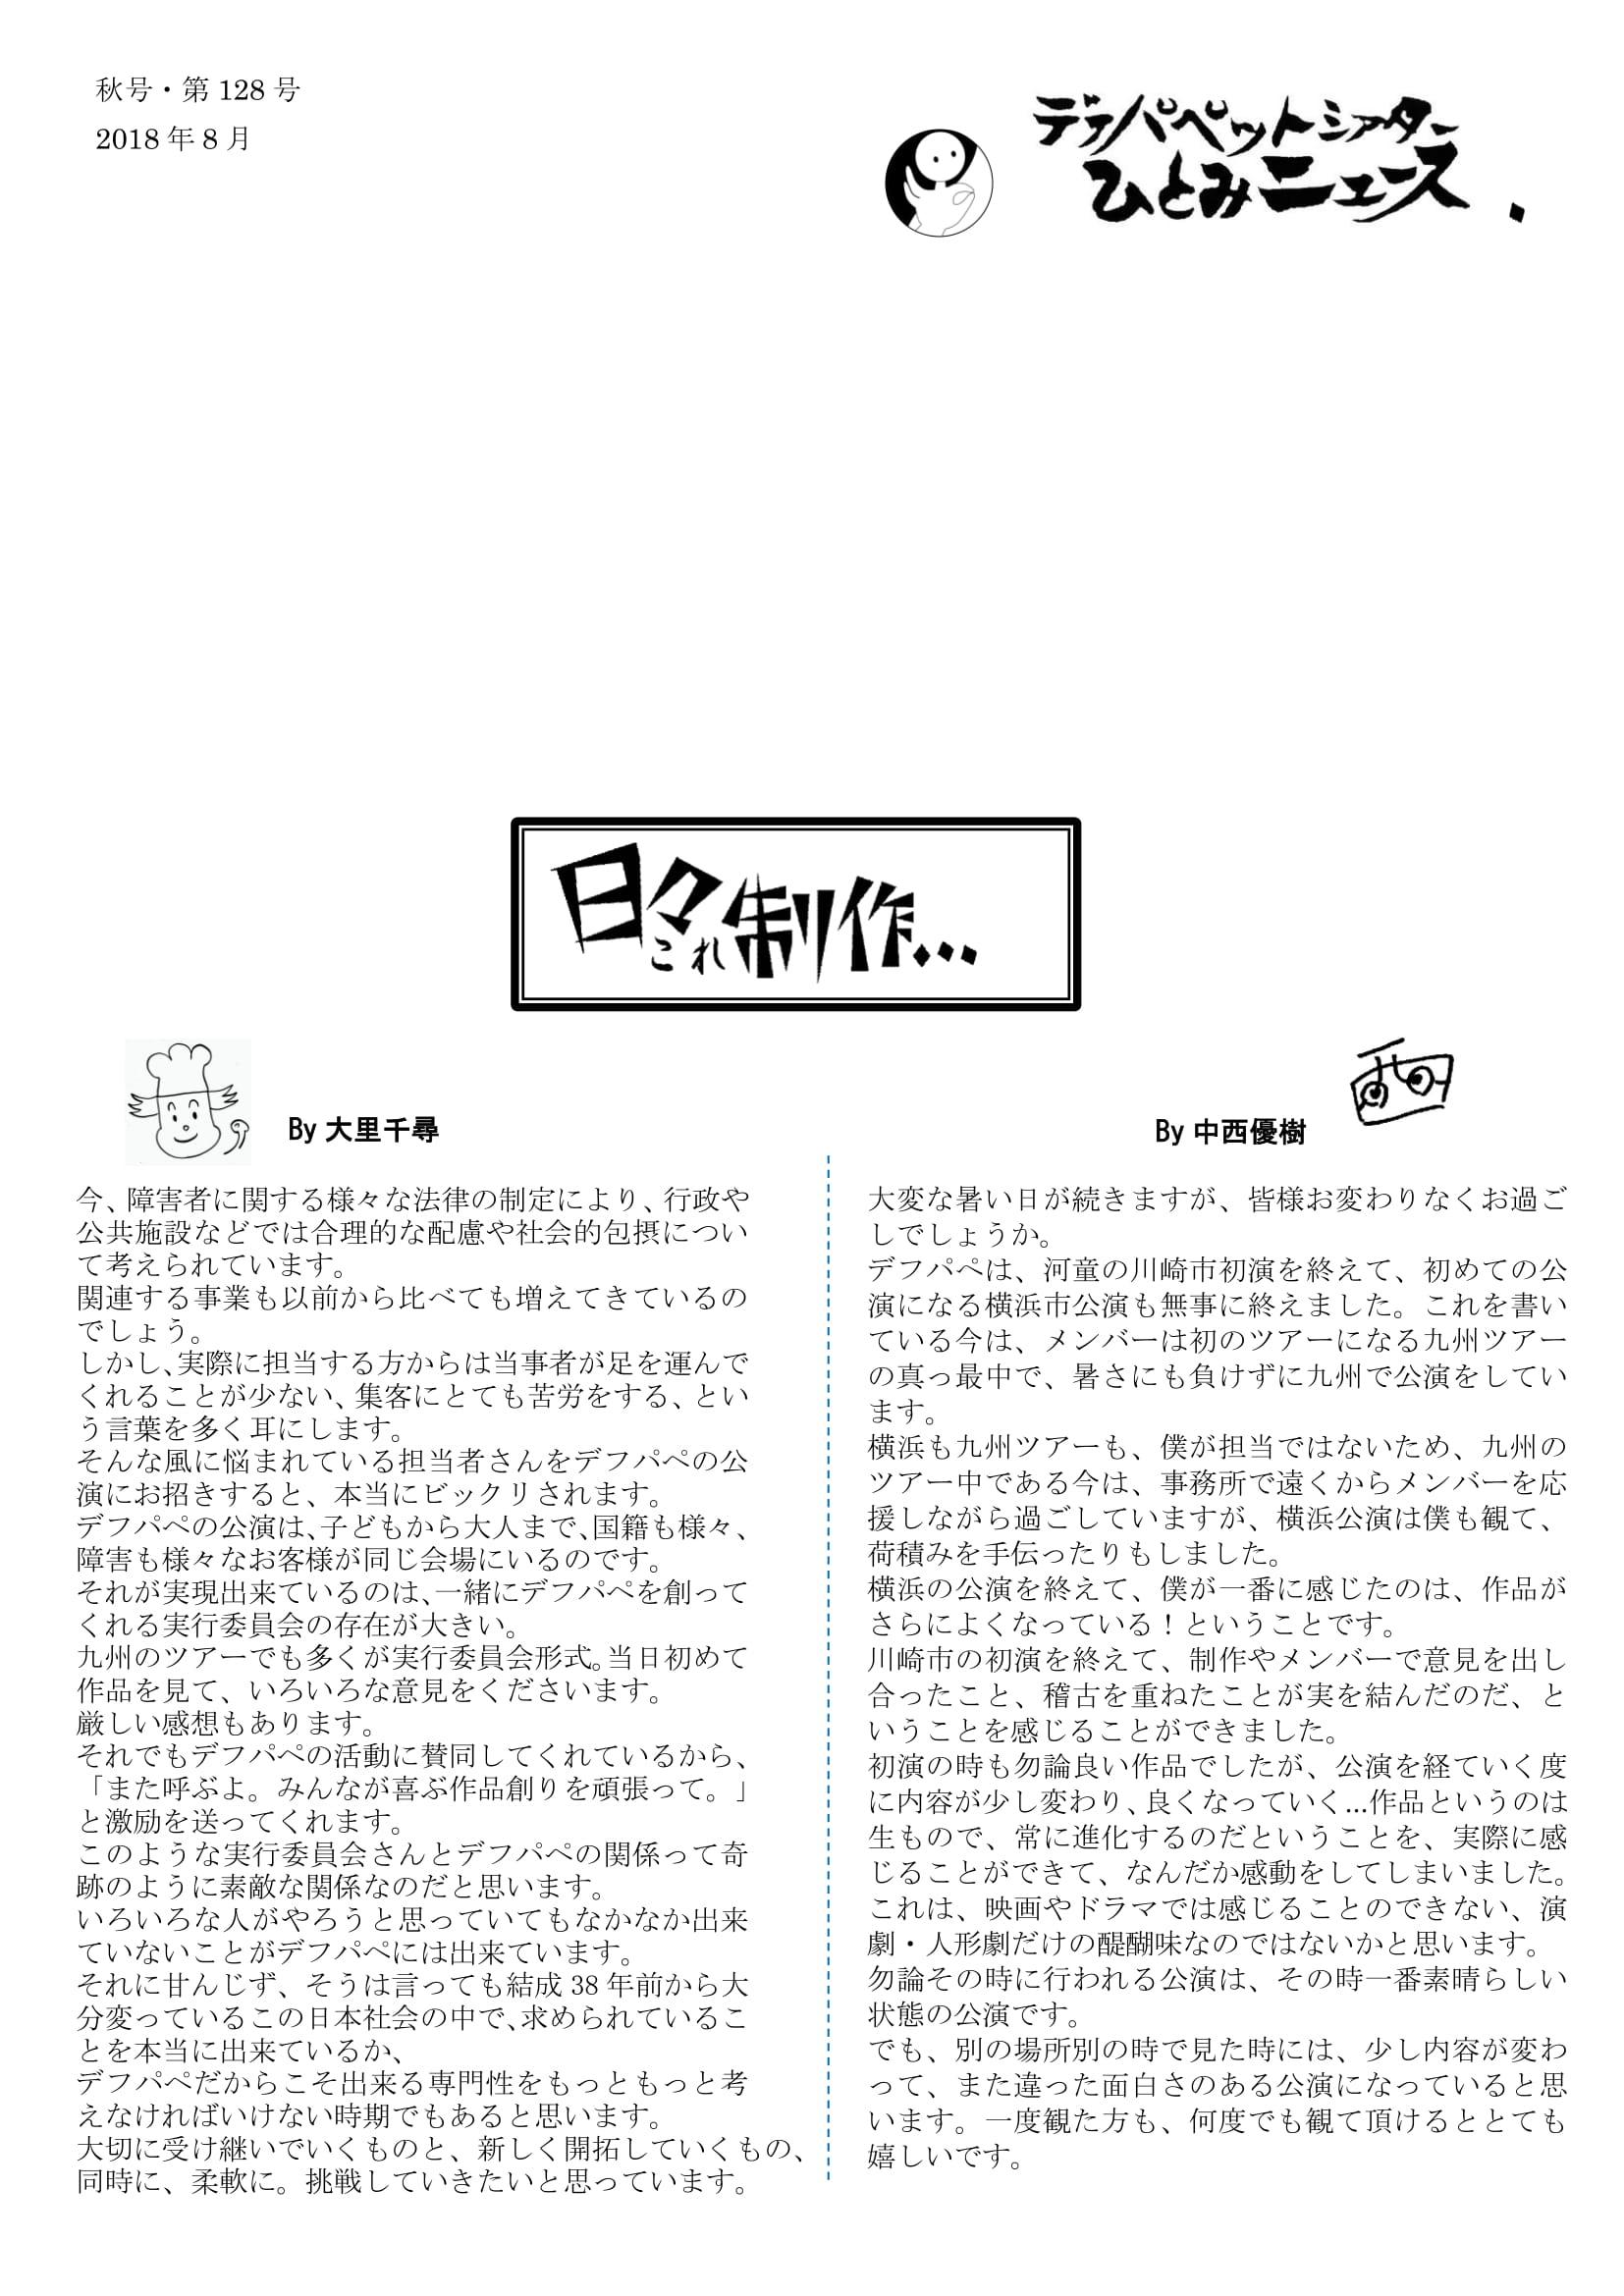 デフニュース128編集中 0802-1.jpg